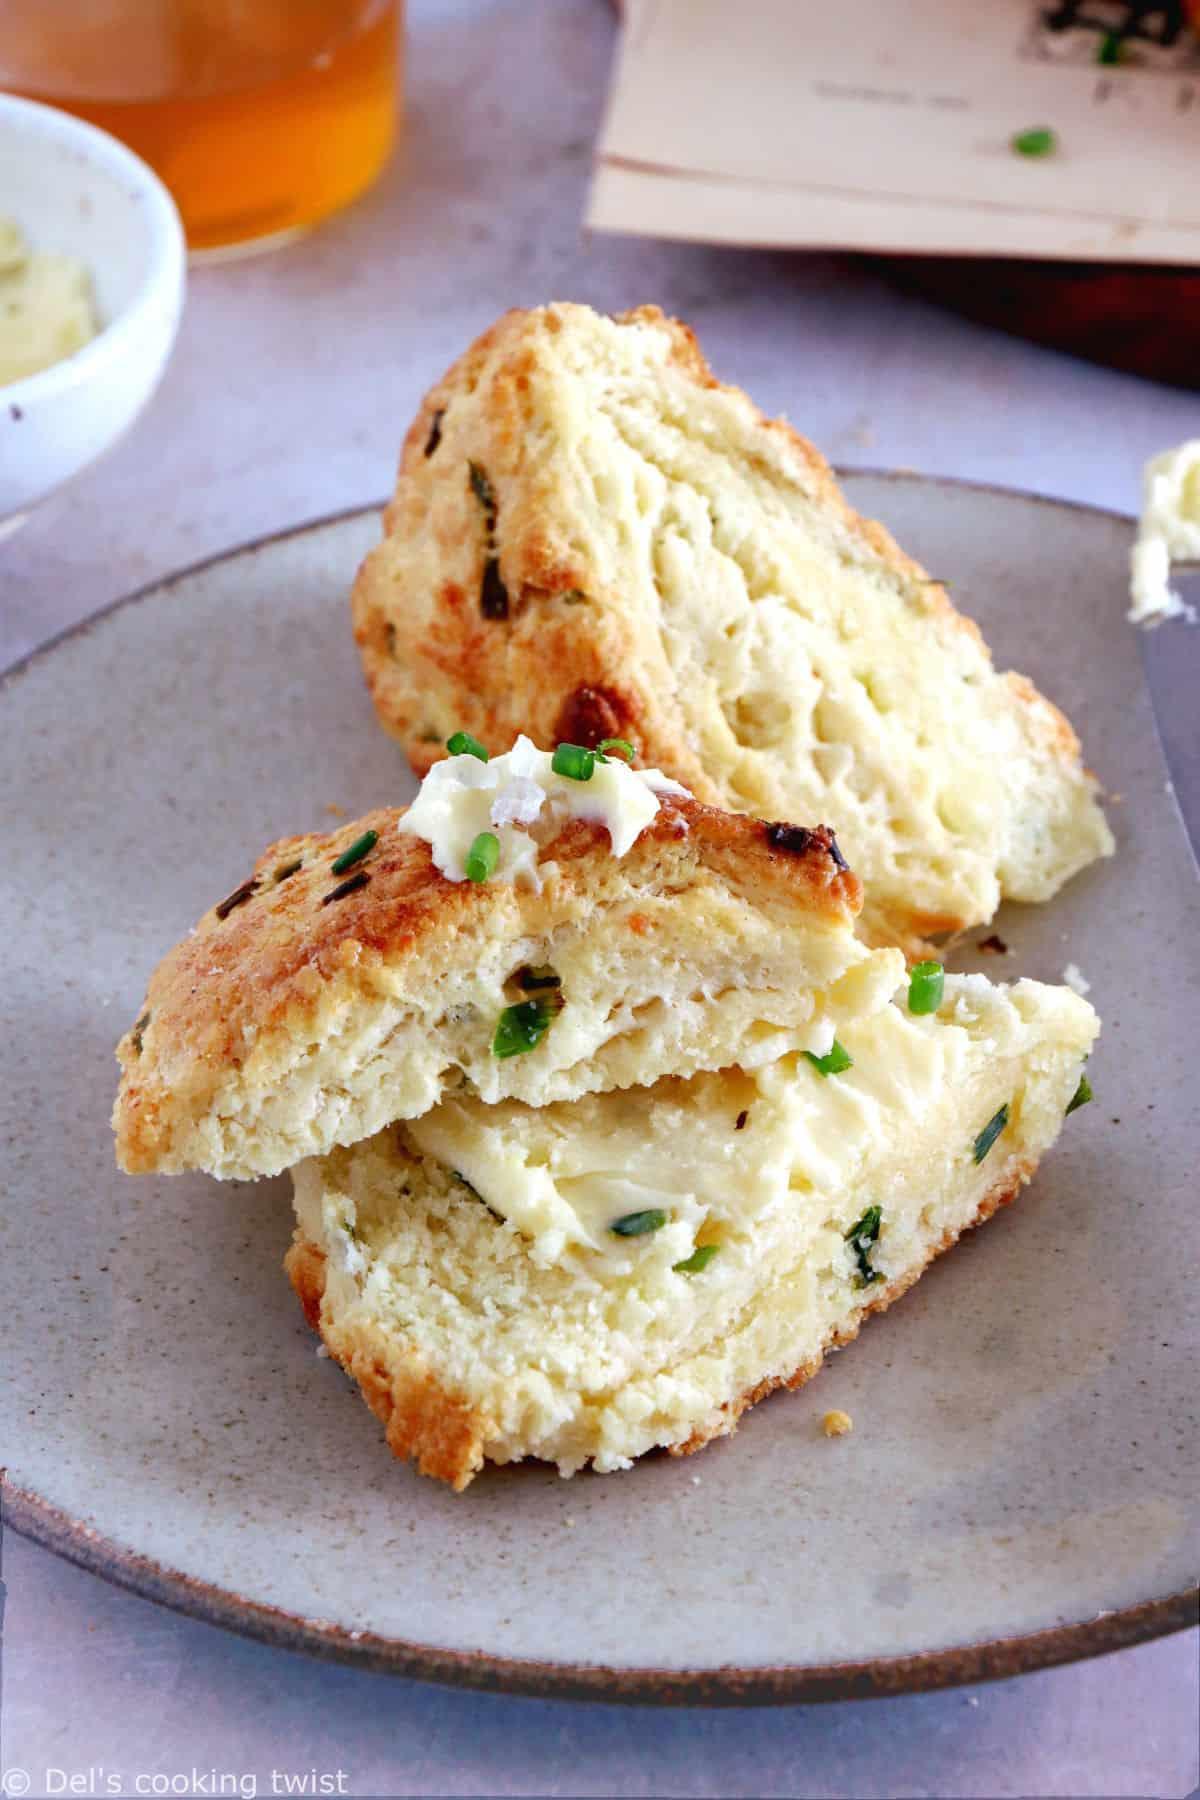 Réalisés en 30 minutes, ces scones salés au parmesan et aux herbes égaieront vos apéritifs entre amis en toute simplicité.